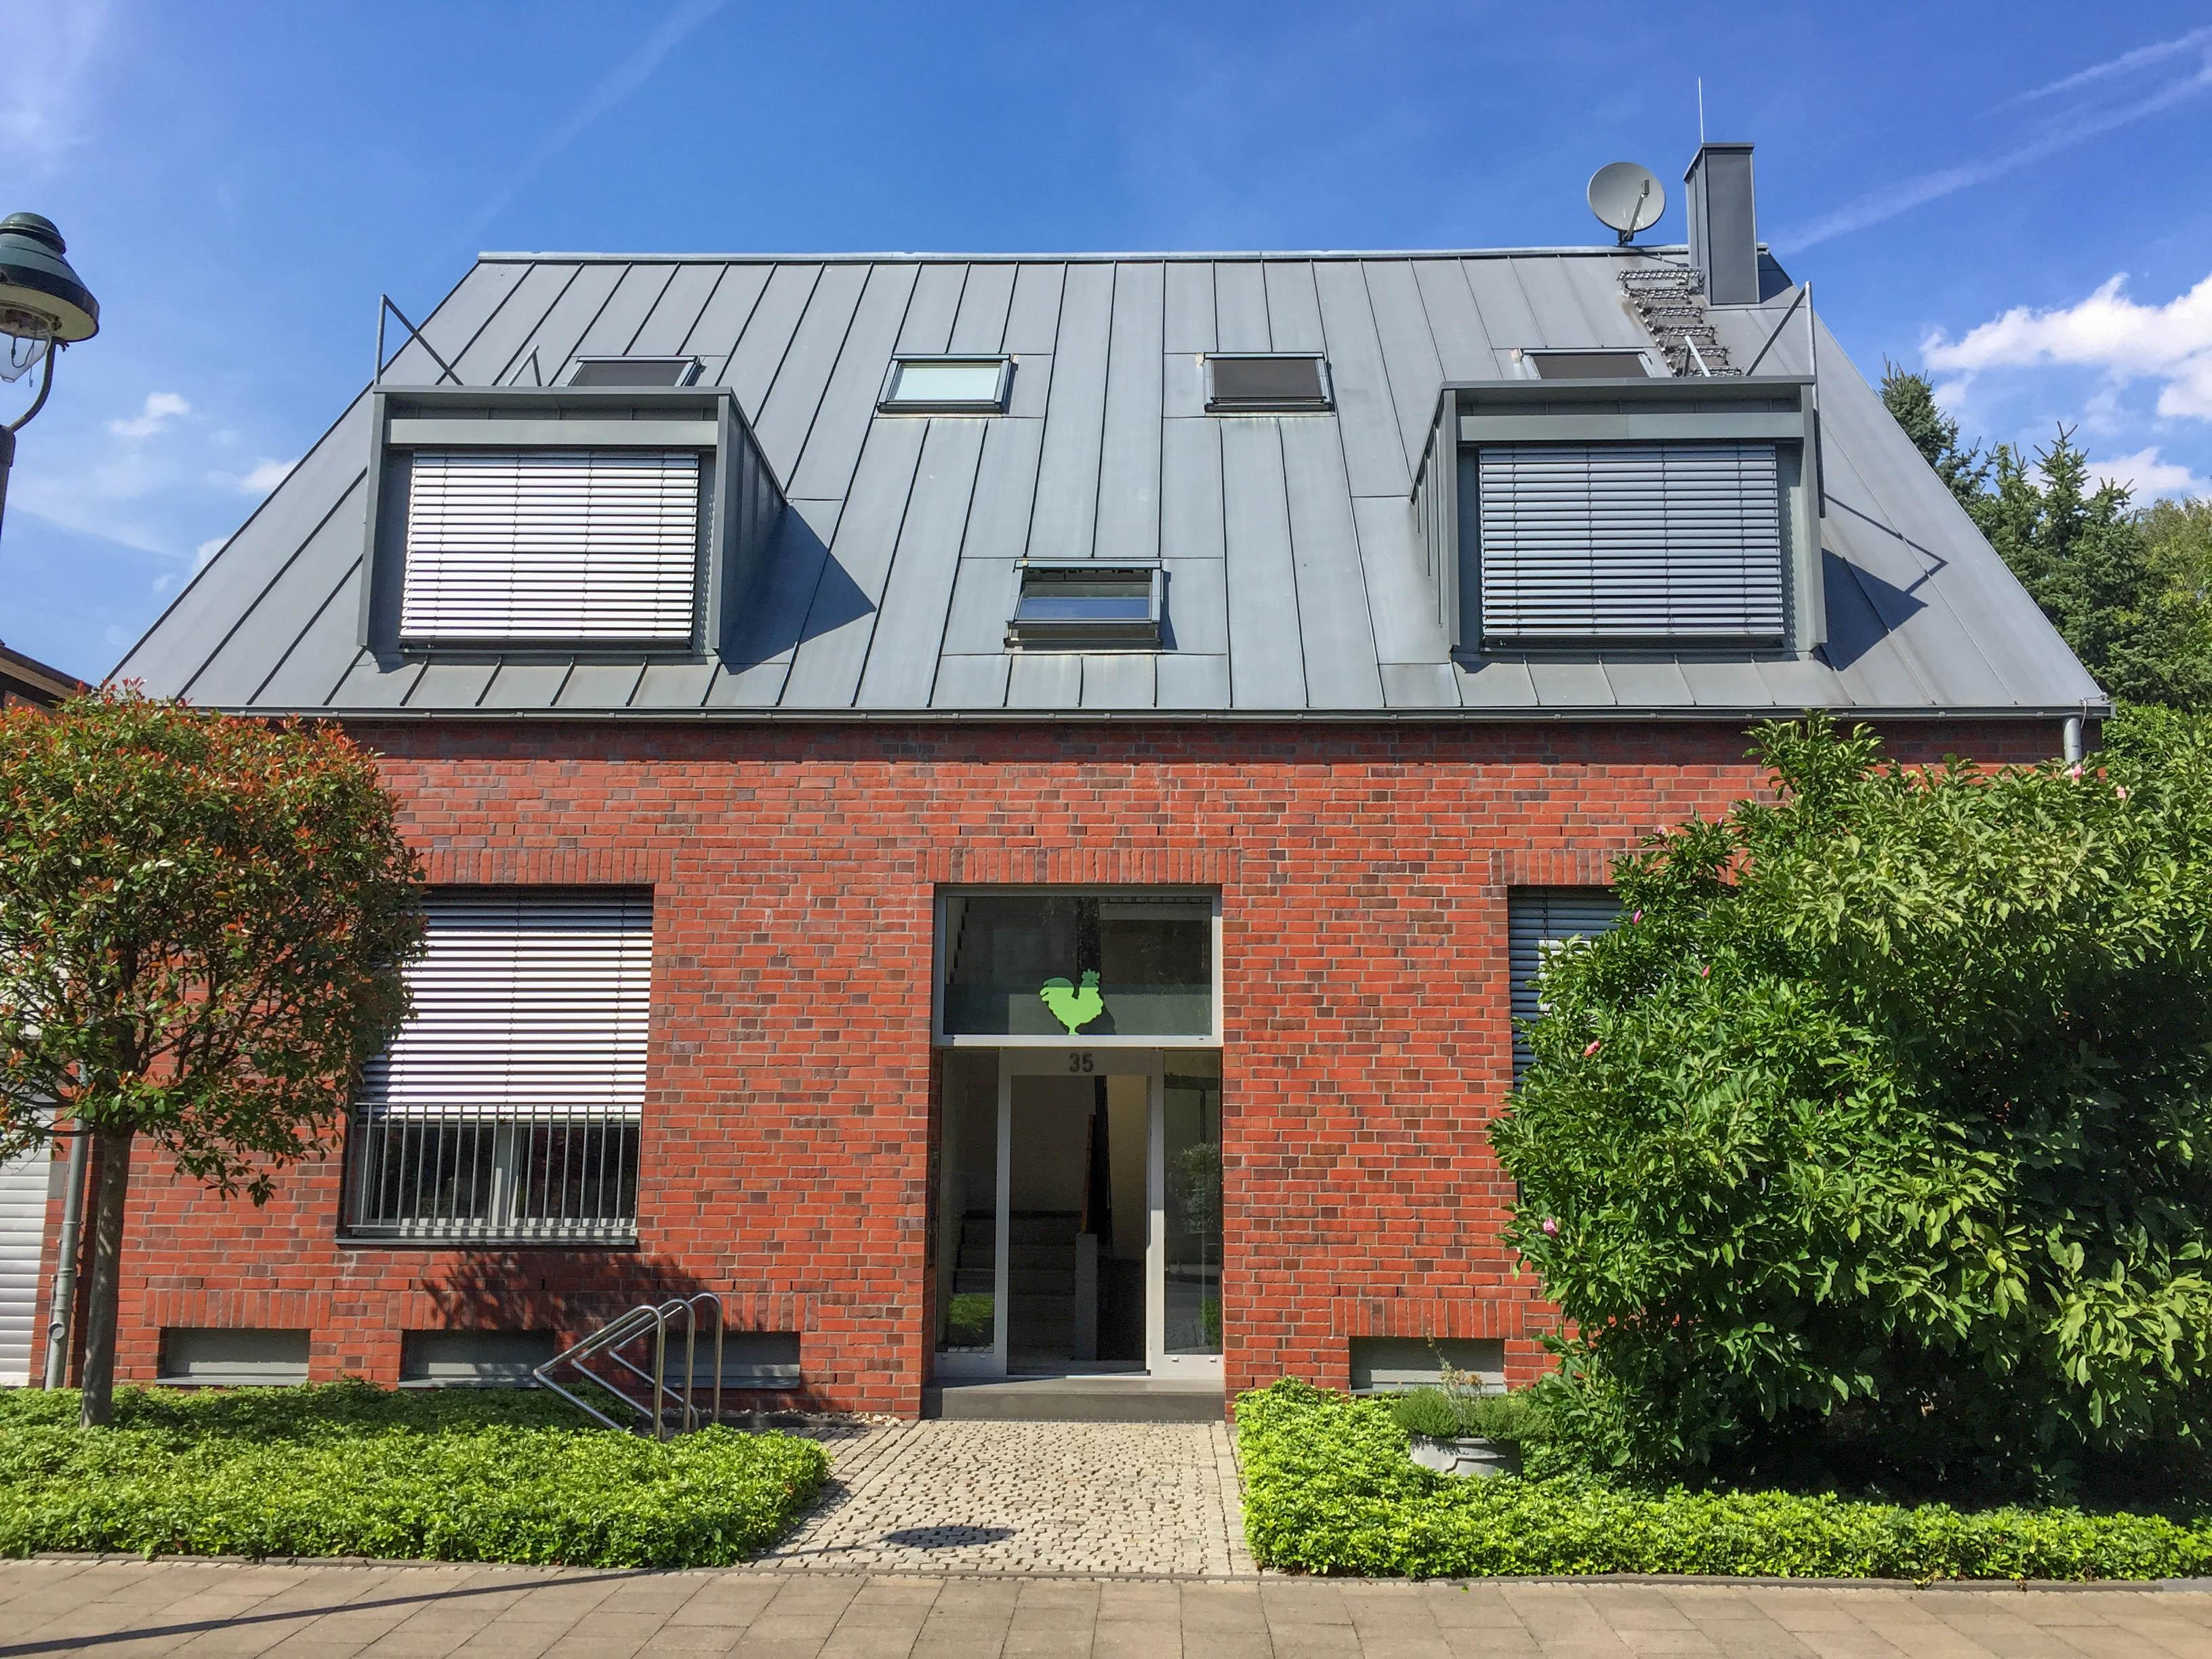 Stadtzentrales Wohnen in der Nähe des Medienhafens! Moderne Maisonette-Wohnung mit Garten